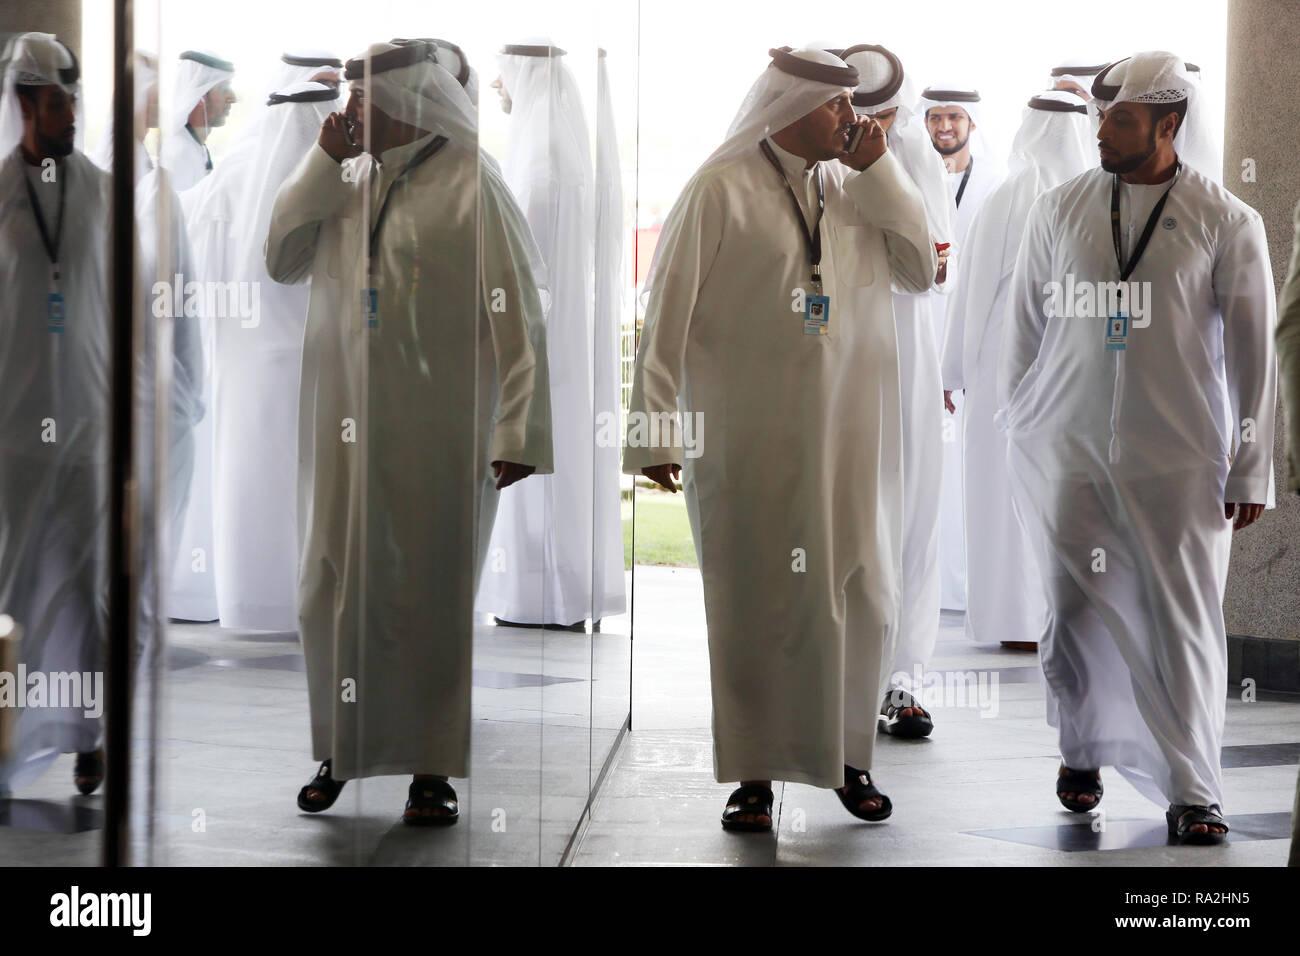 31.03.2018, Dubai, Dubai, Vereinigte Arabische Emirate, Gruppe arabischer Maenner in traditioneller Kleidung. 00S180331D221CARO.JPG [MODEL RELEASE: NO - Stock Image